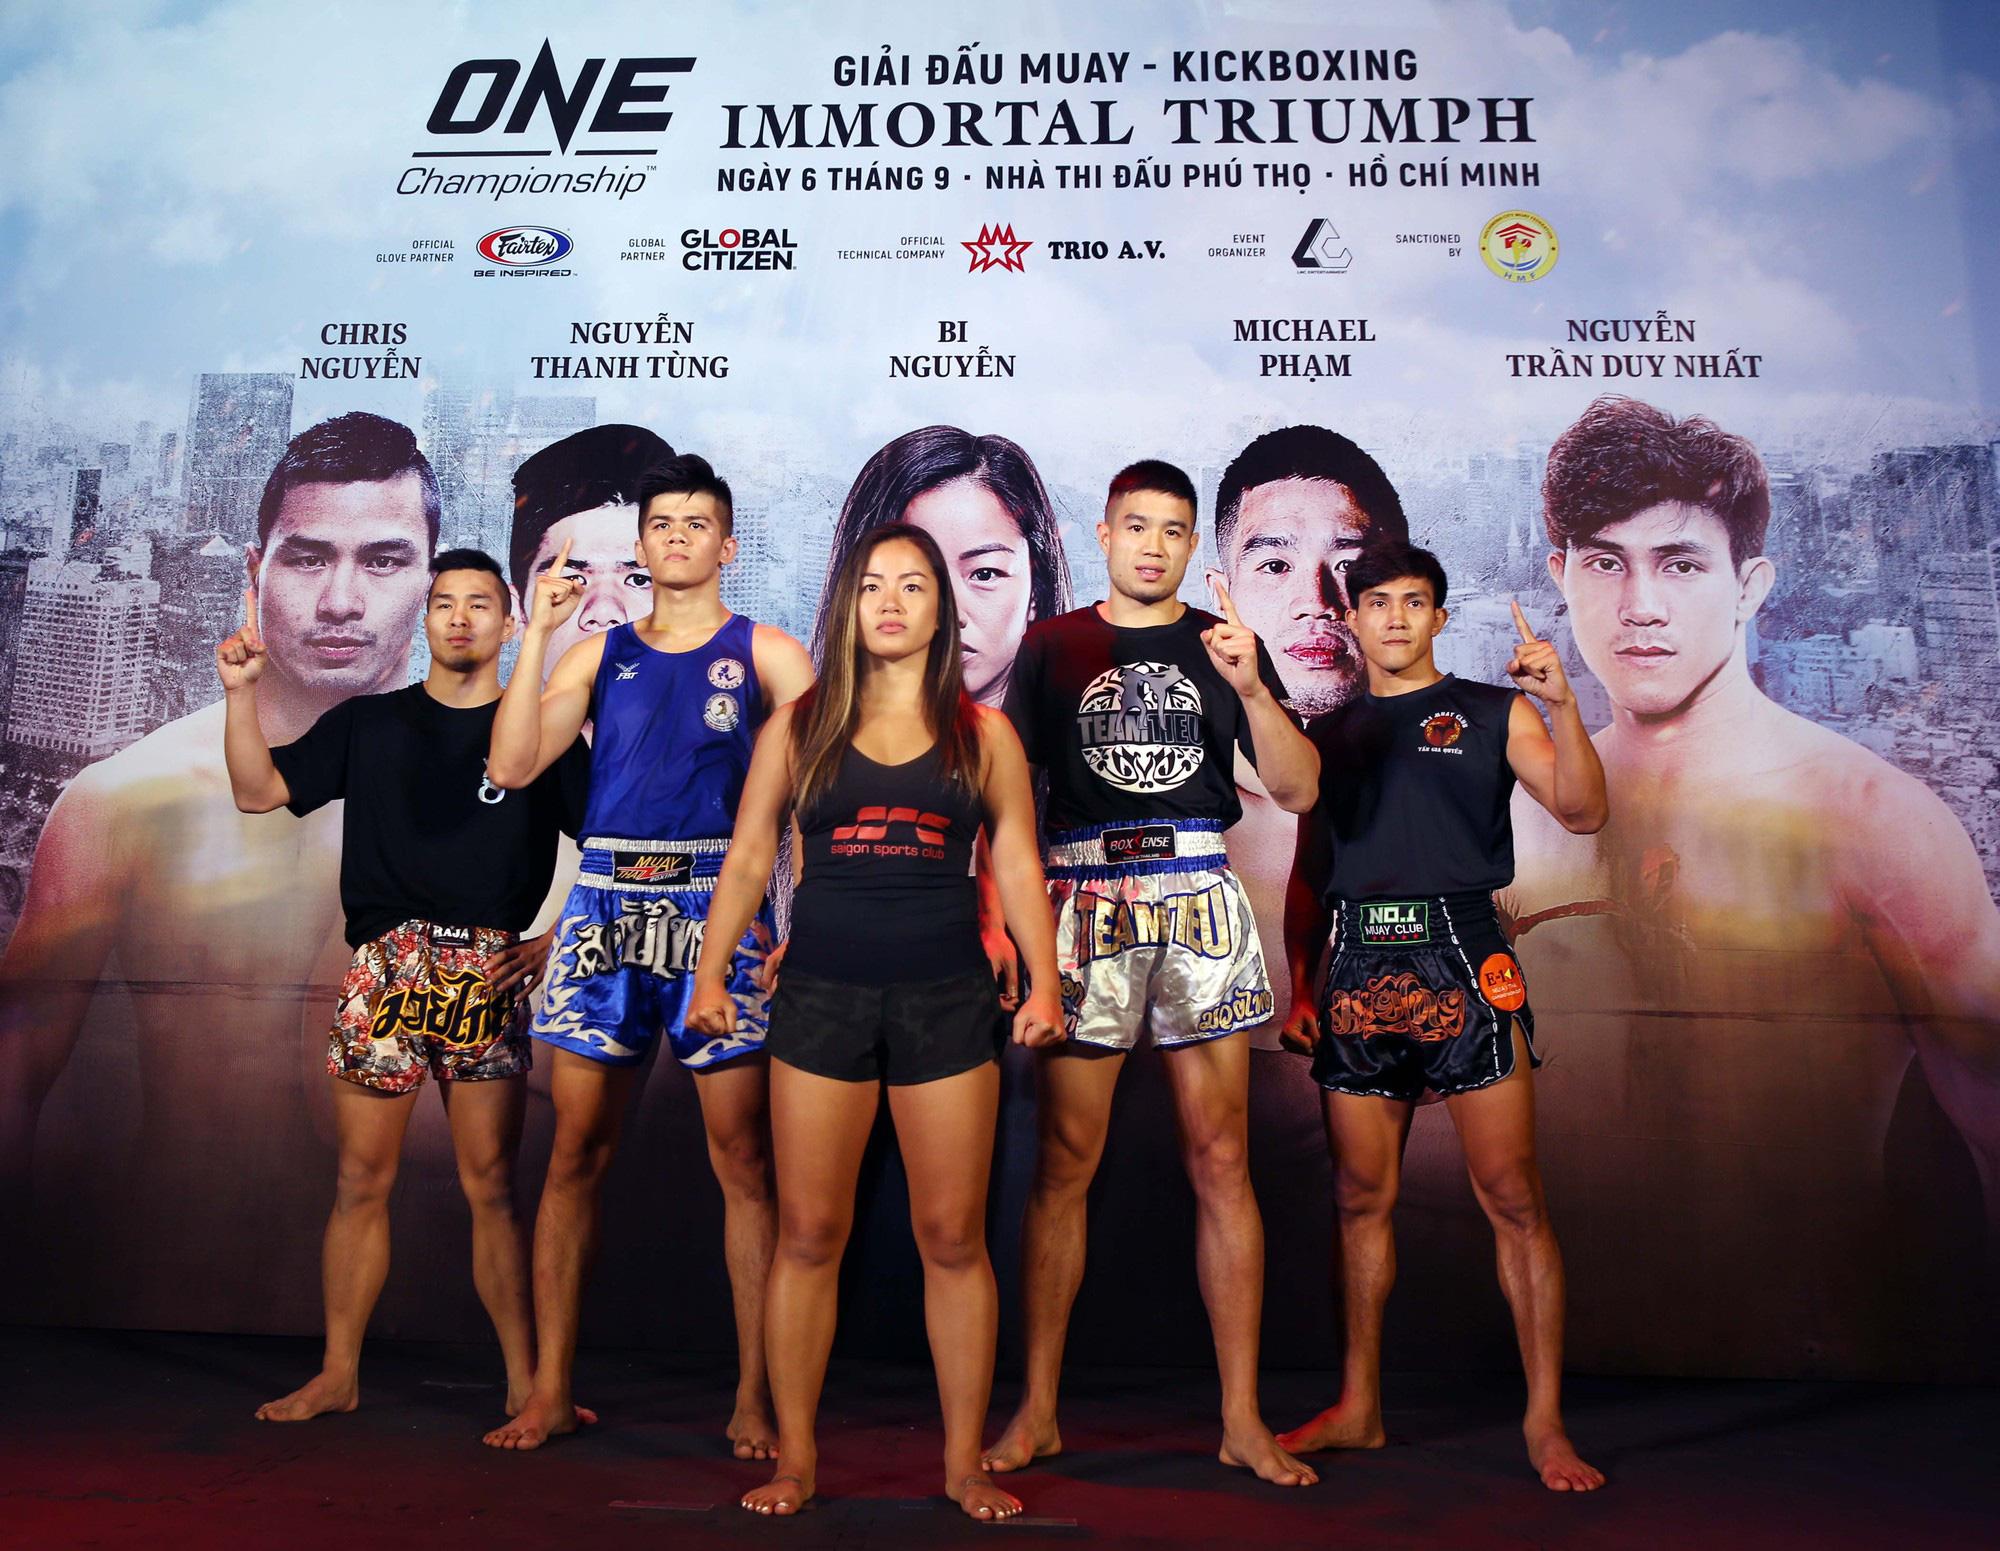 Nguyễn Trần Duy Nhất: Chờ đợi cơ hội đến với MMA  - Ảnh 1.